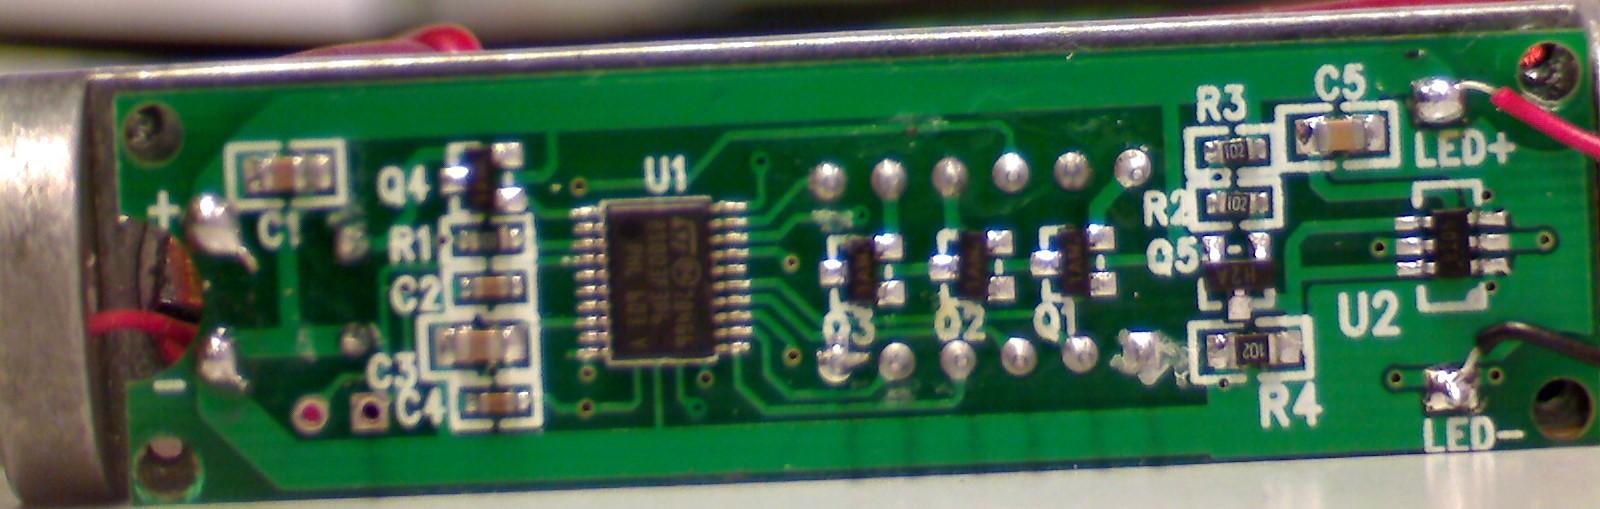 Zahnarztlampe Auf Dauerbetrieb Umbauen Konstantstromquelle Fuer Power Led Mikrocontrollernet Preview Image For Komplett